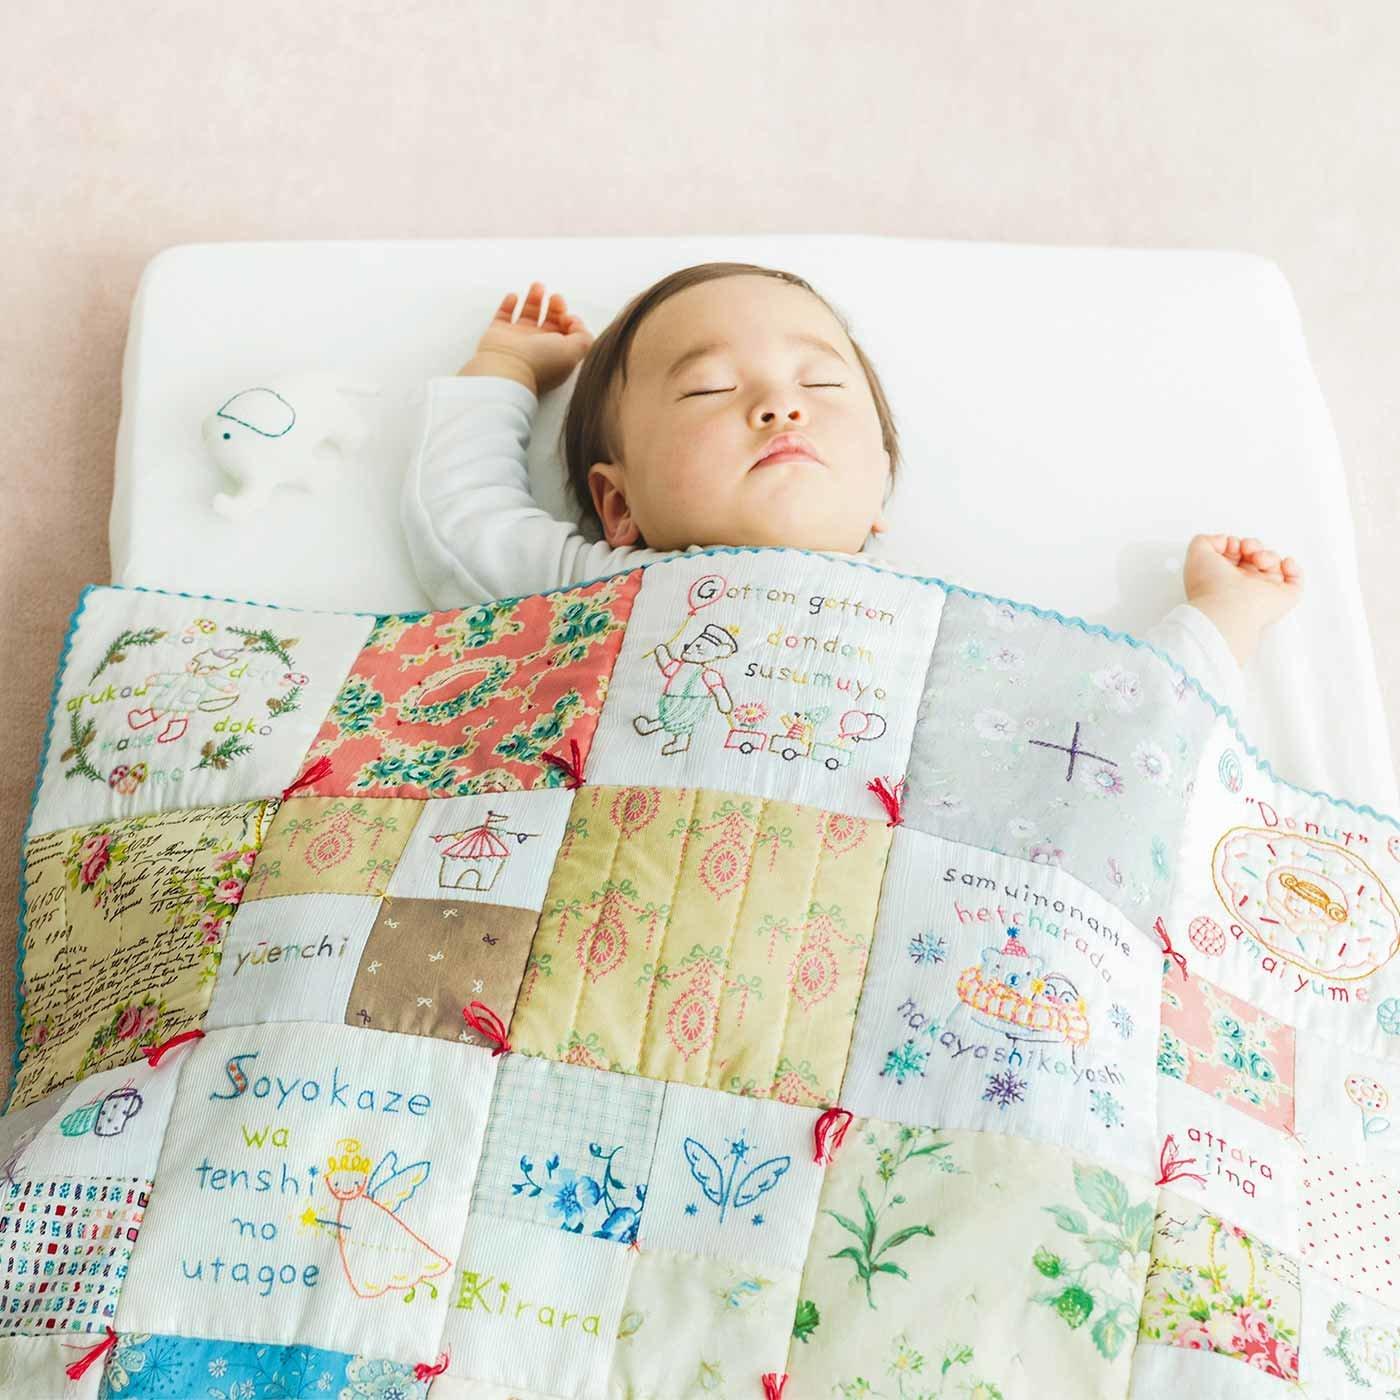 天使の寝顔を包む おふとんキルトの会